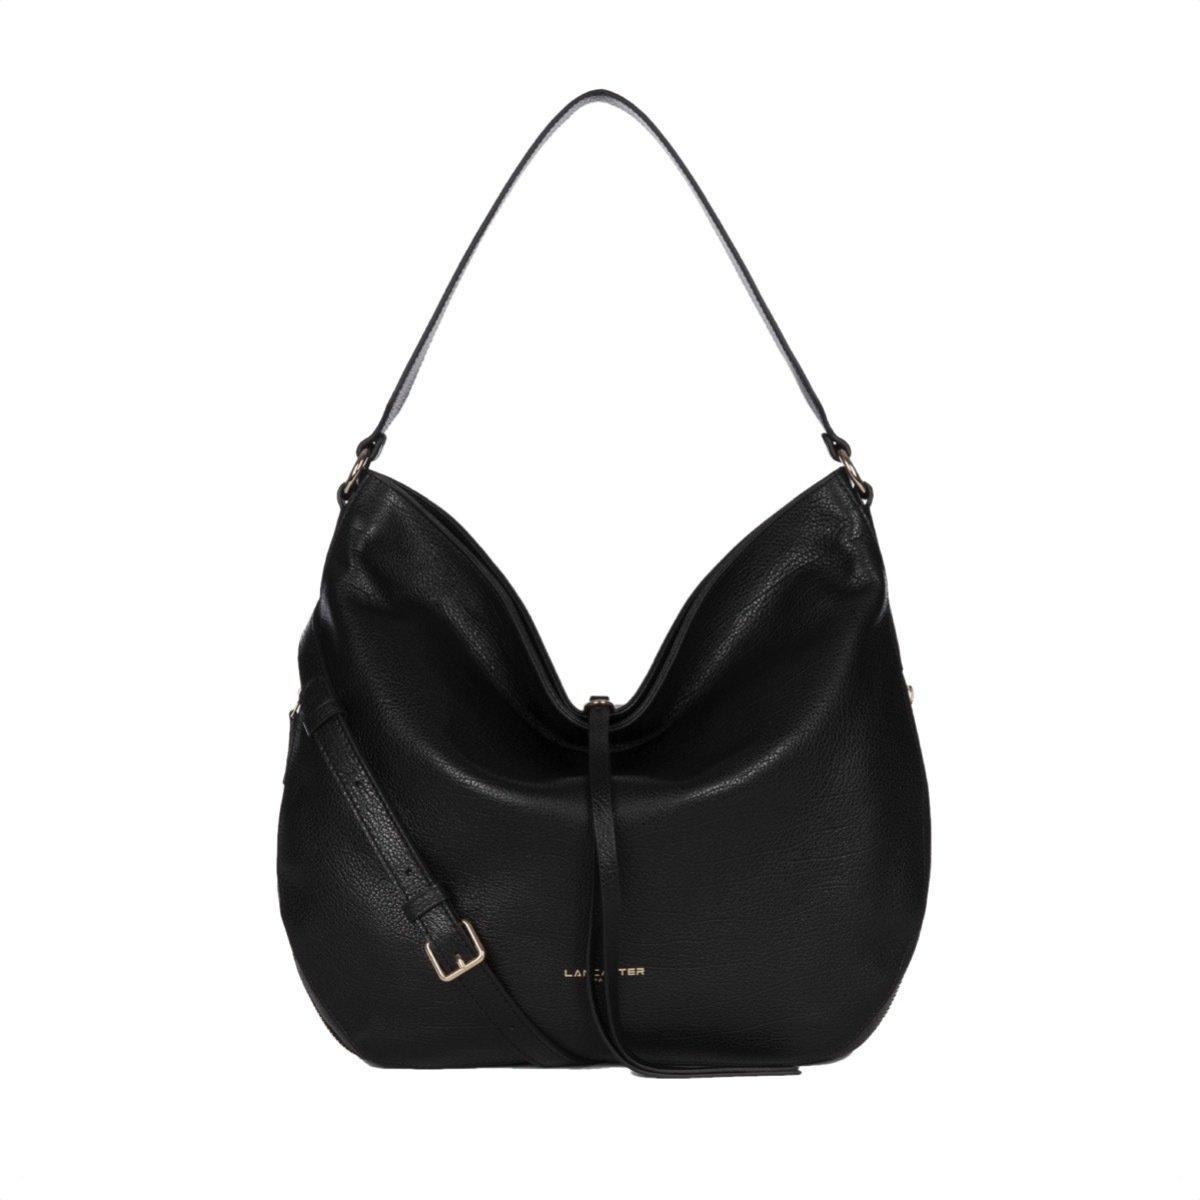 LANCASTER - Dune Large shoulder bag - Noir